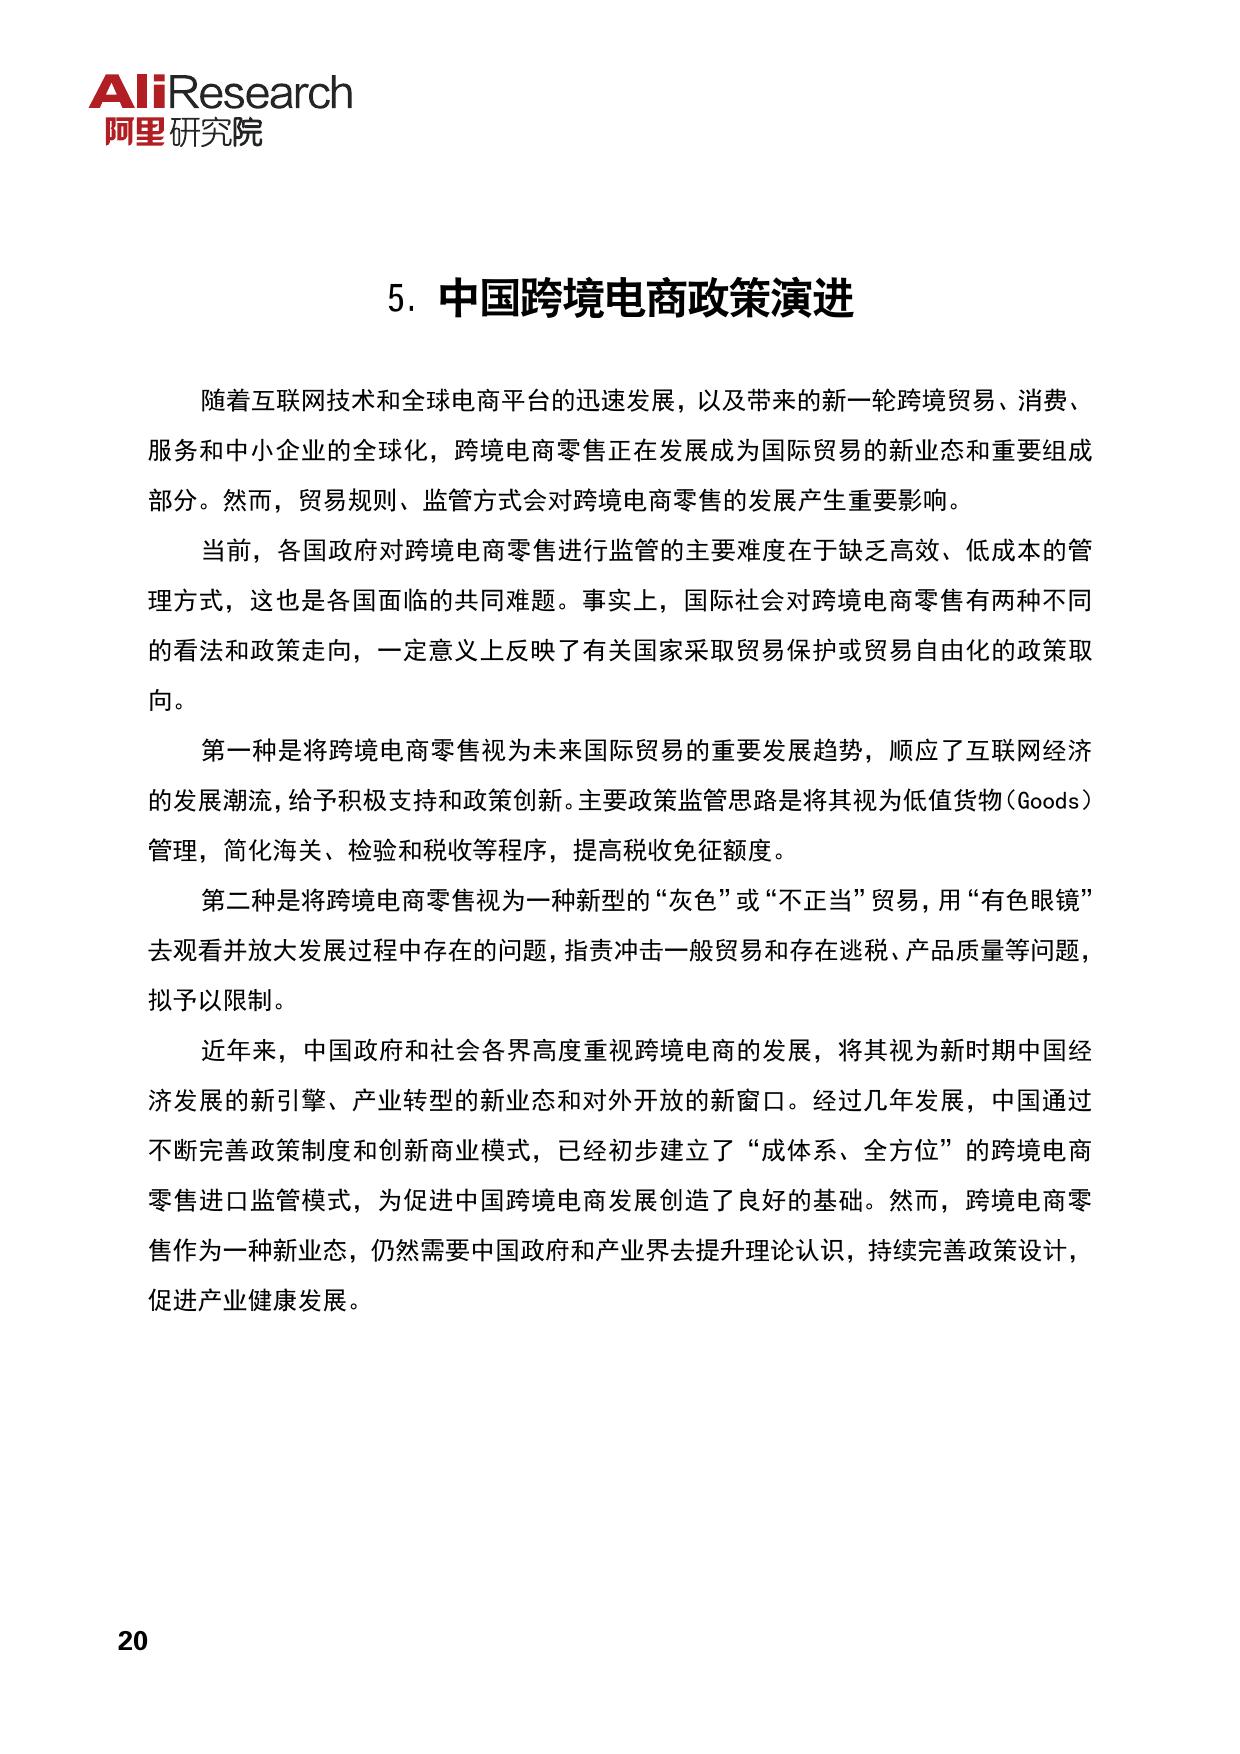 2016中国跨境电商发展报告_000024